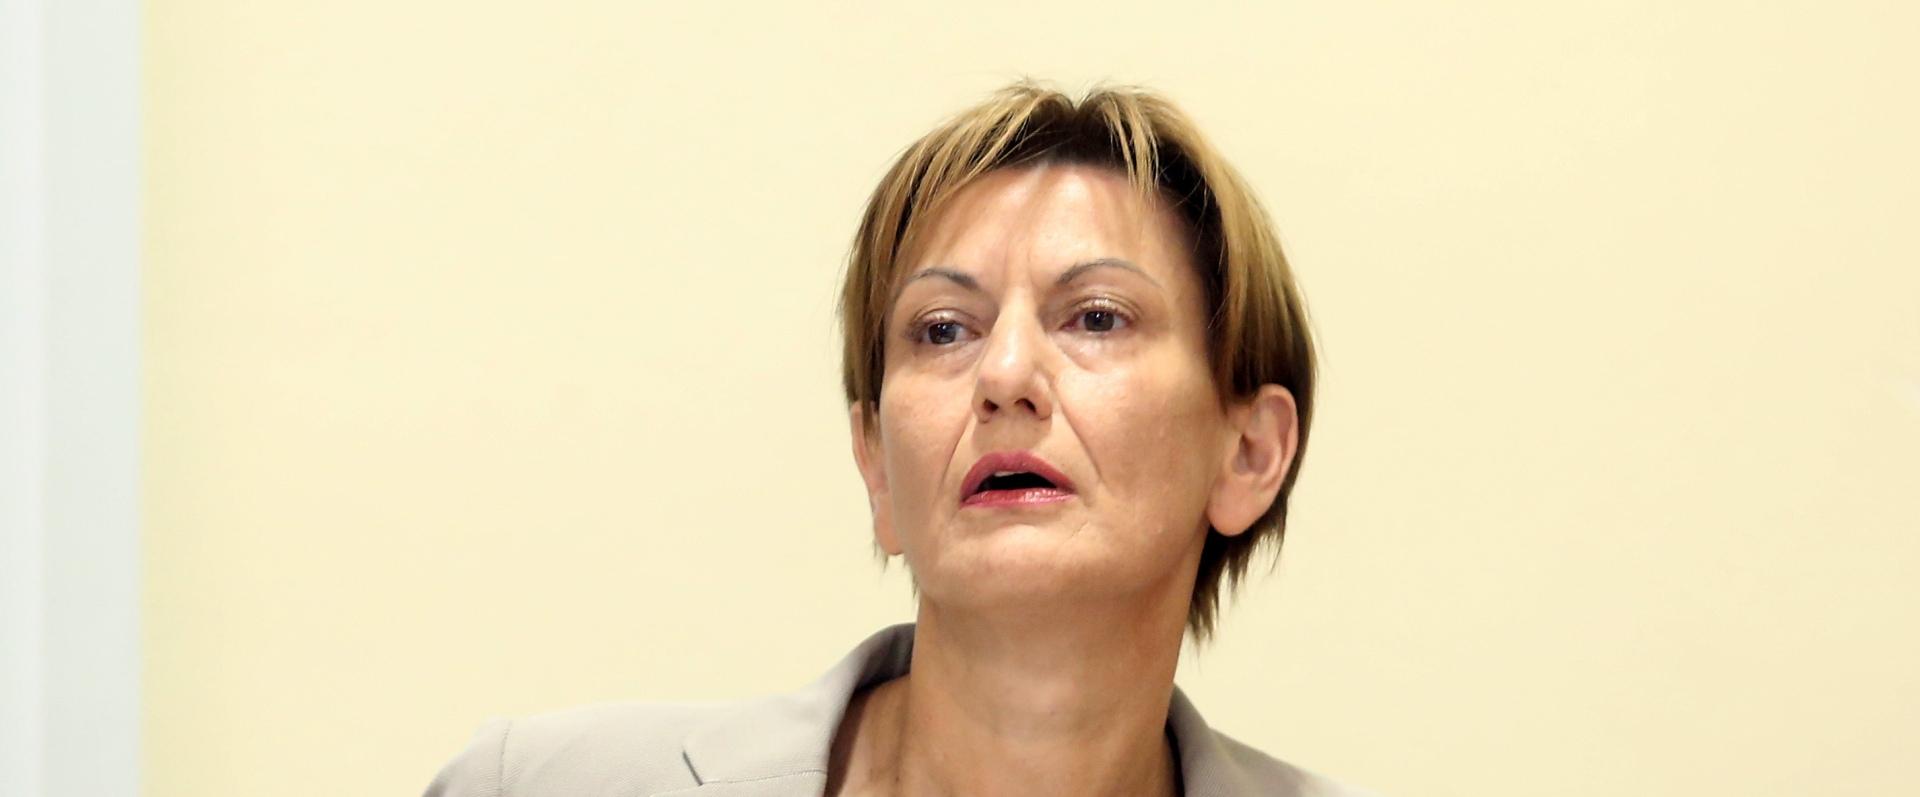 DALIĆ 'Zašto se SDP dovodi u poziciju da brani Ivicu Todorića?'